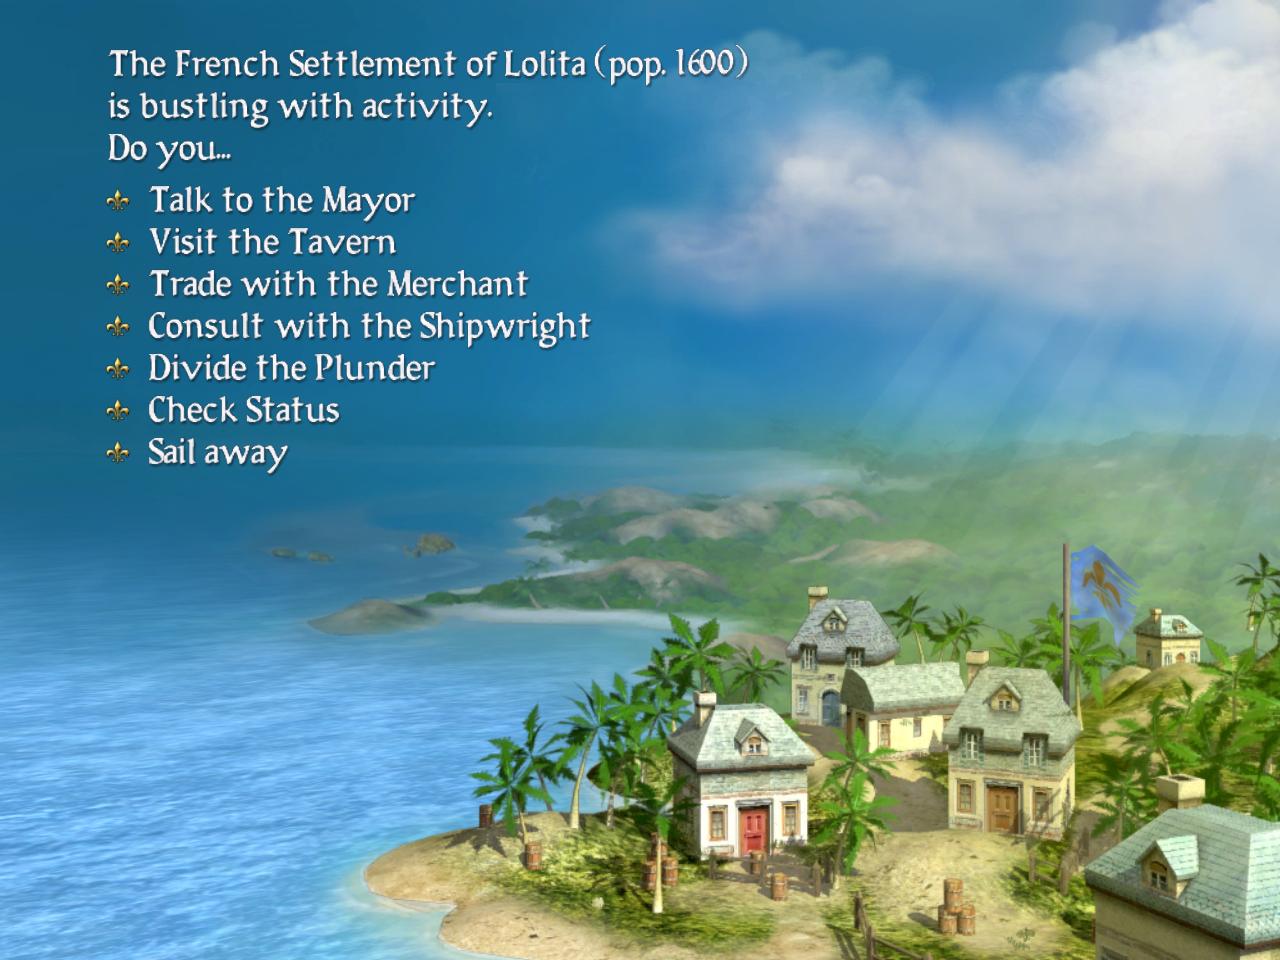 lolita settlement.png